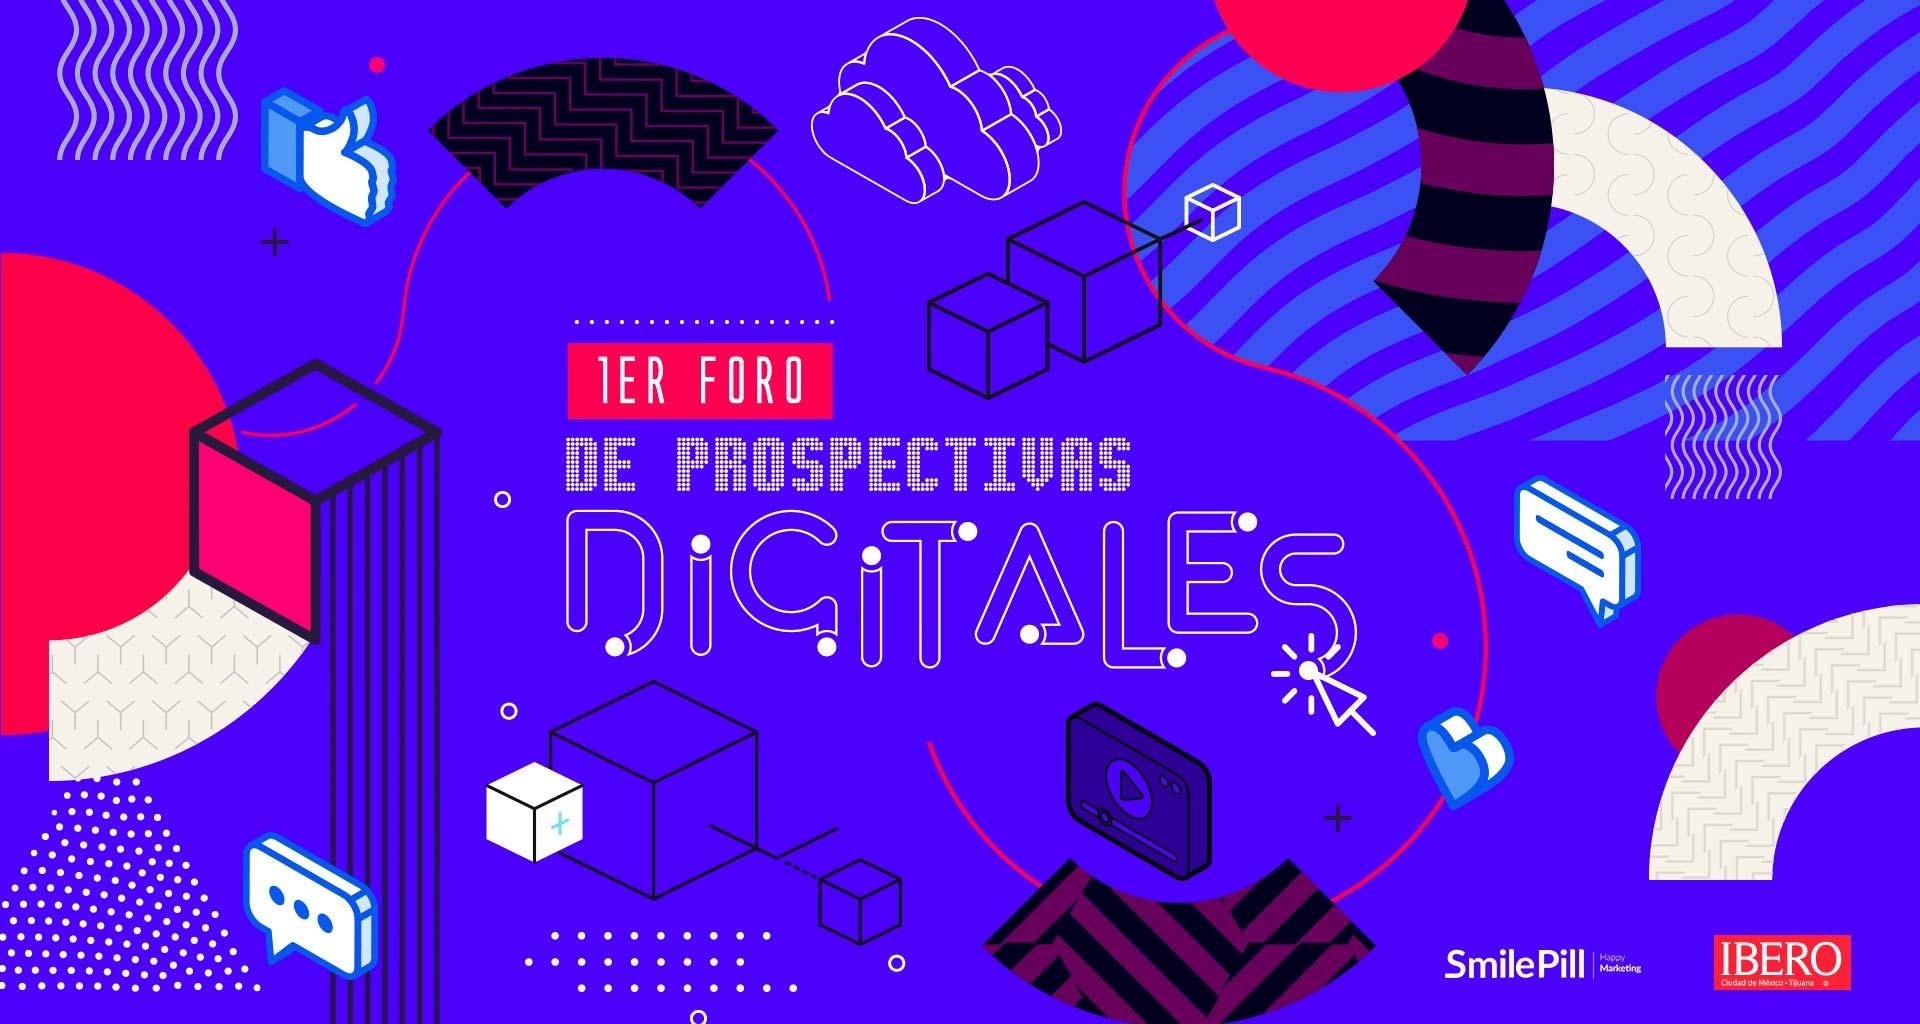 1er Foro Digital Ibero